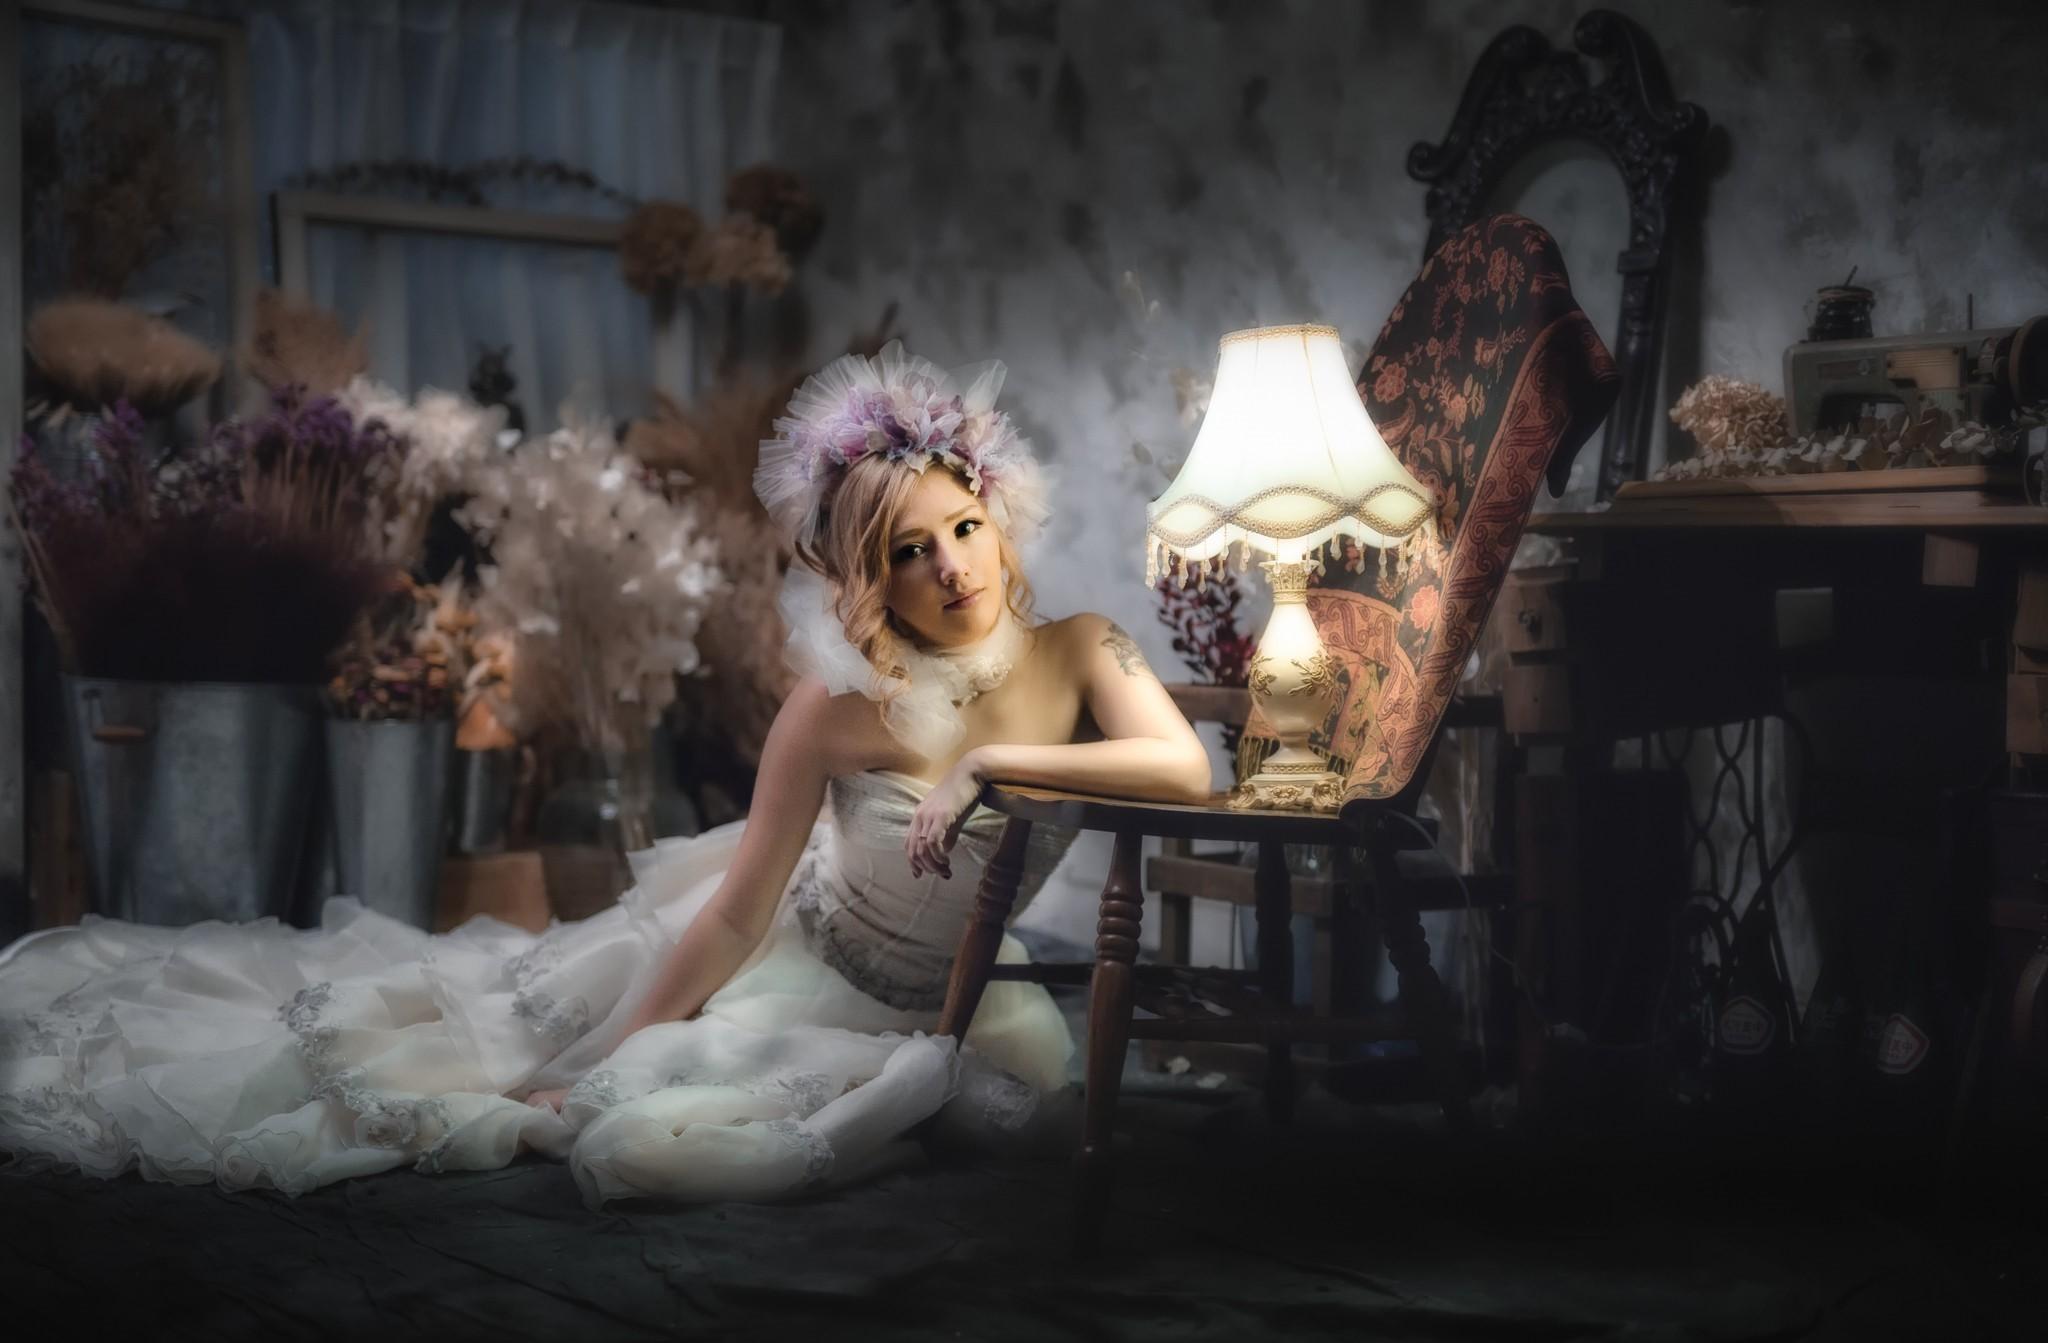 đàn bà mô hình Châu Á Thần thoại Cô dâu ảnh chụp Hình ảnh Ảnh chụp